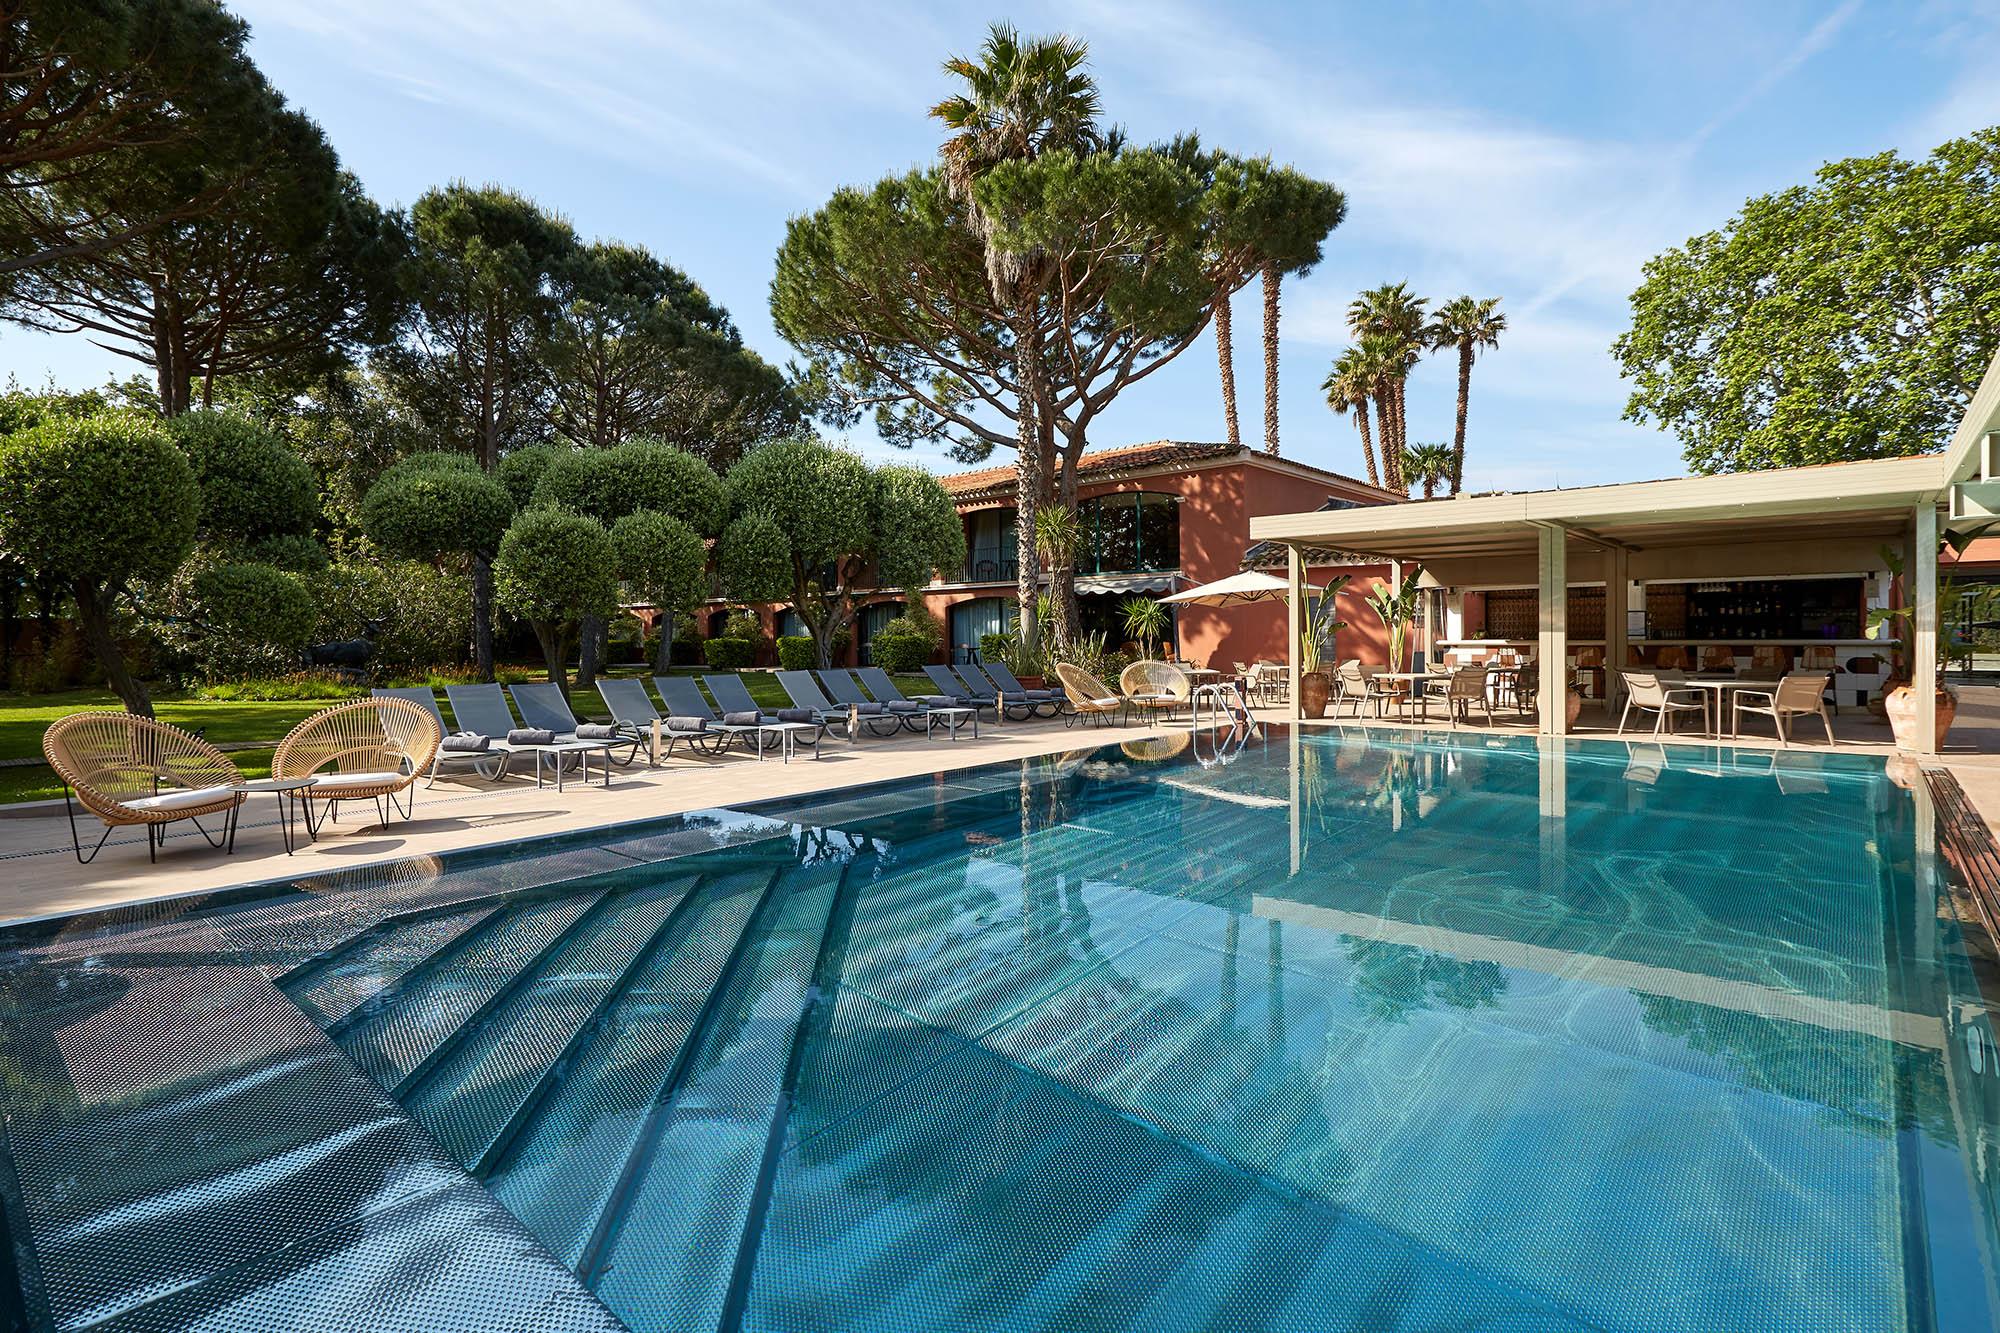 photo de la piscine extérieure prise en plein jour avec les transats au bord de la piscine